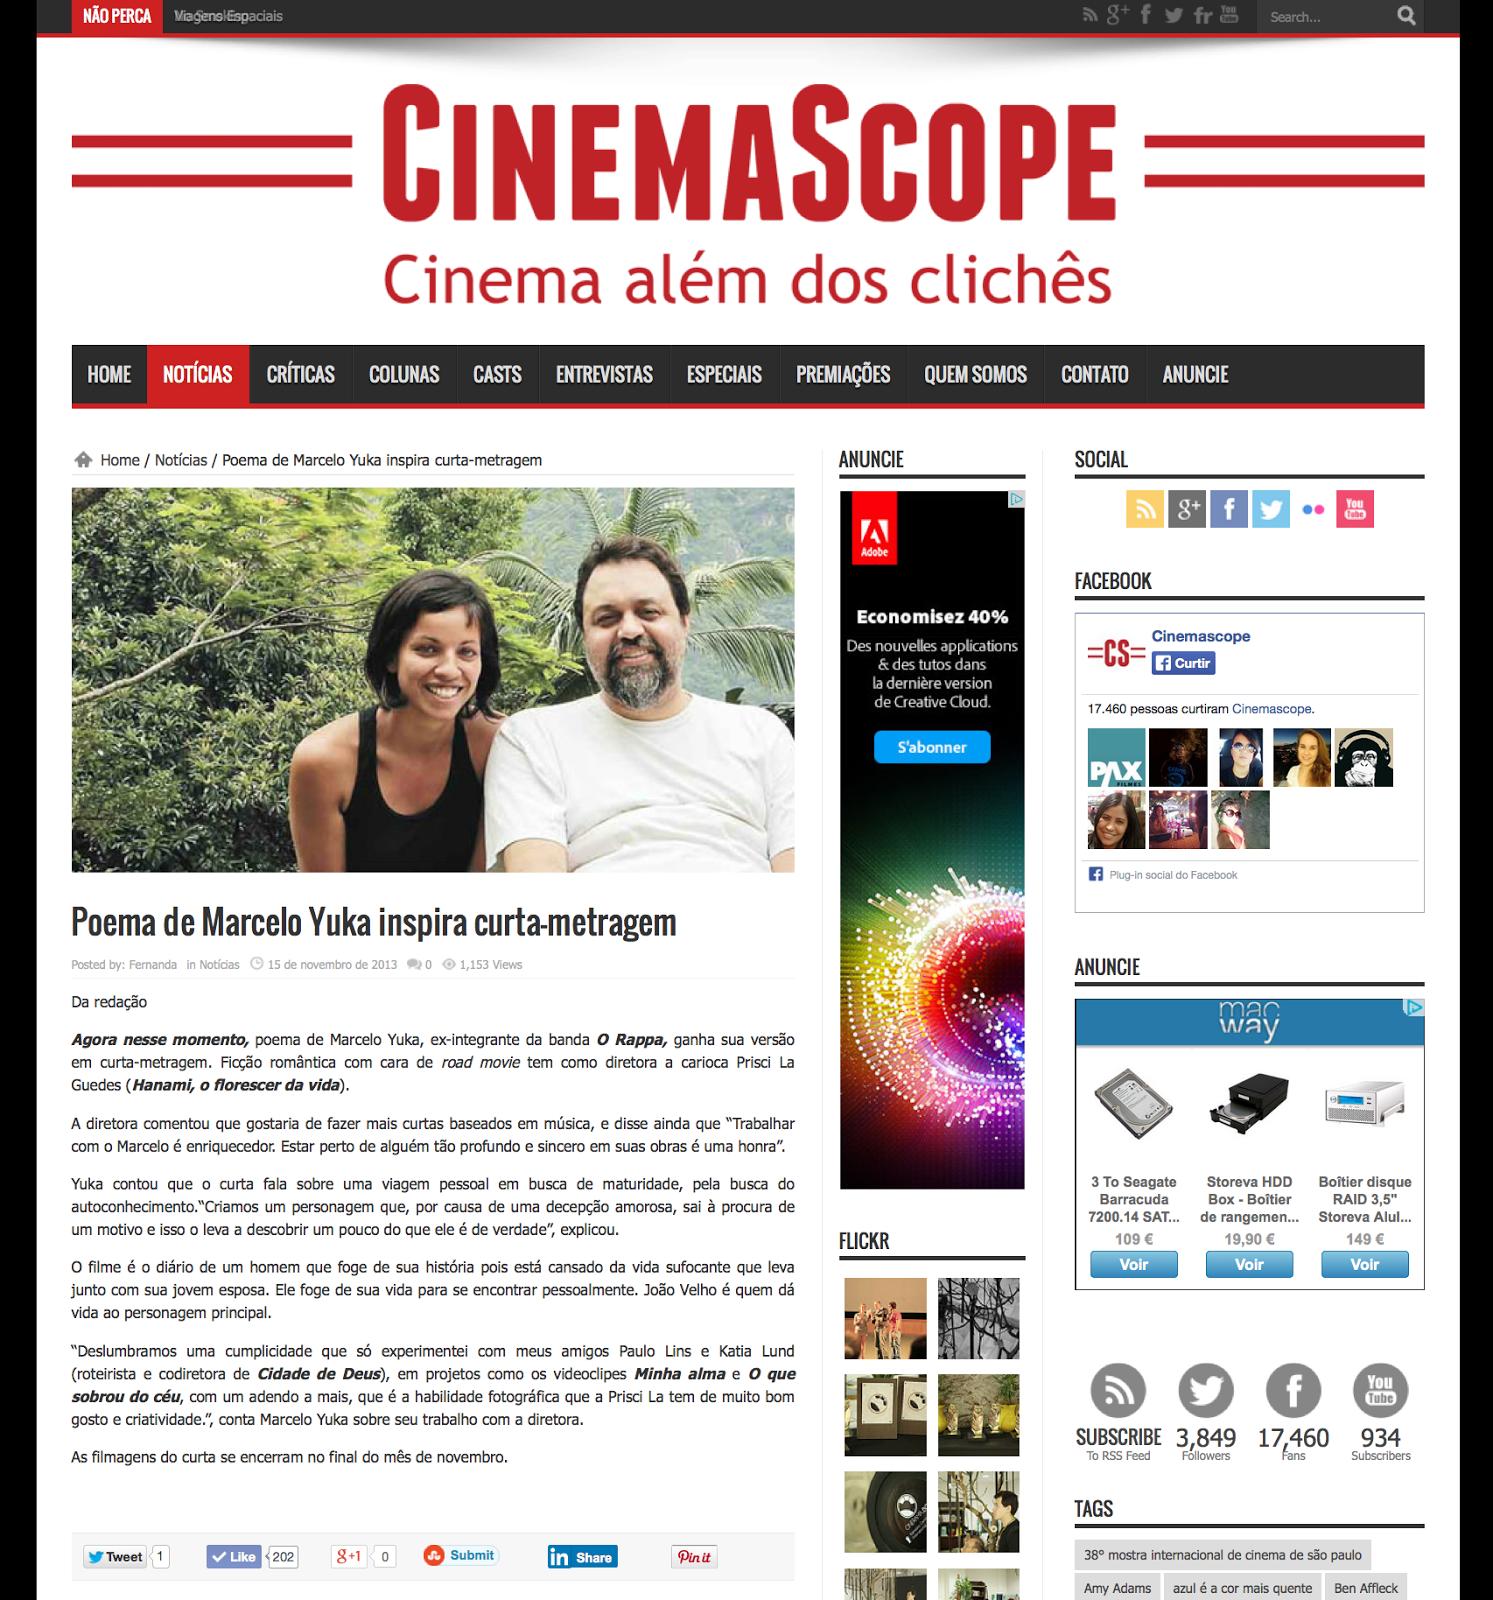 http://cinemascope.com.br/noticias/poema-de-marcelo-yuka-inspira-curta-metragem/